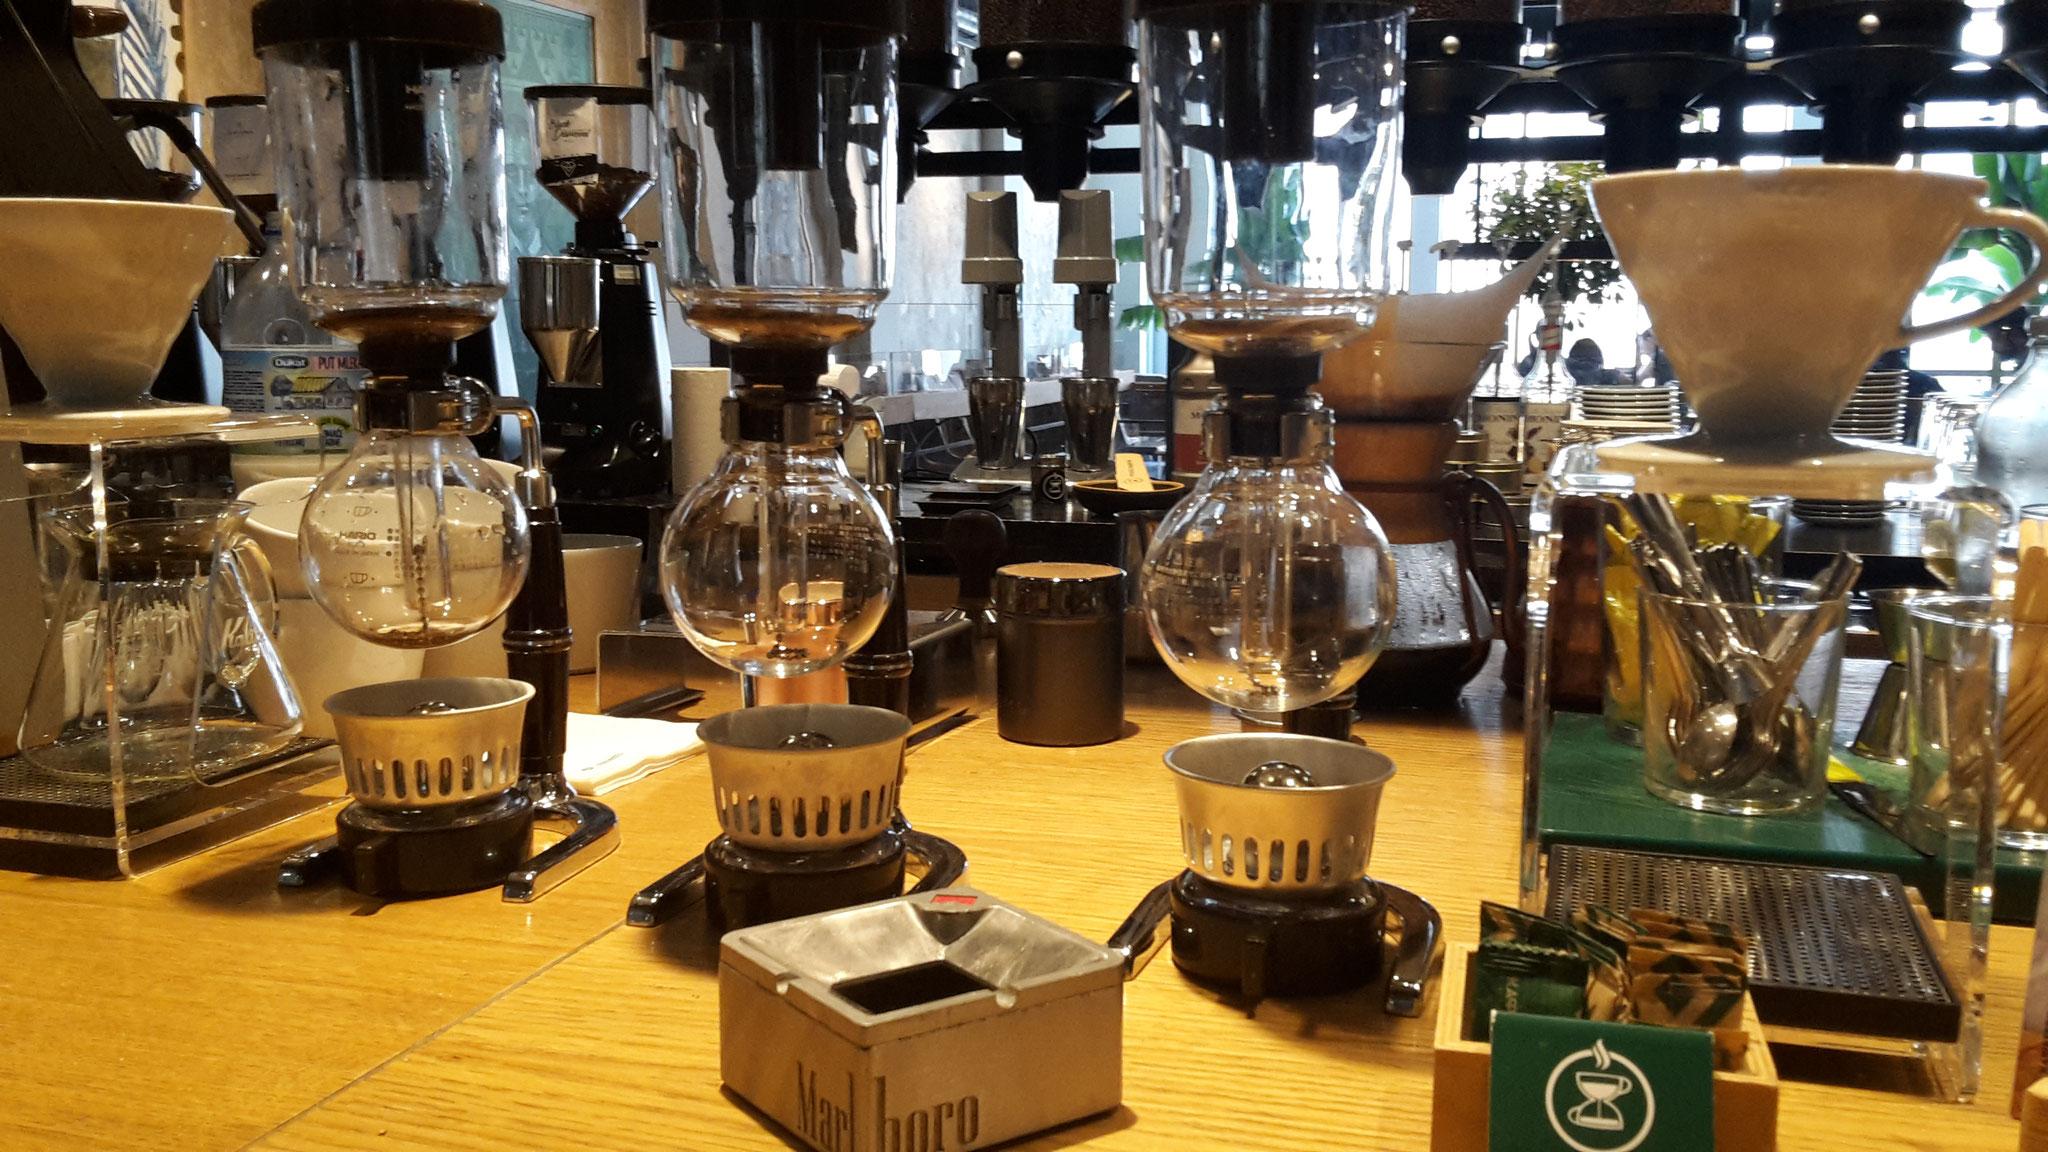 nuevas (viejas) formas de preparar café